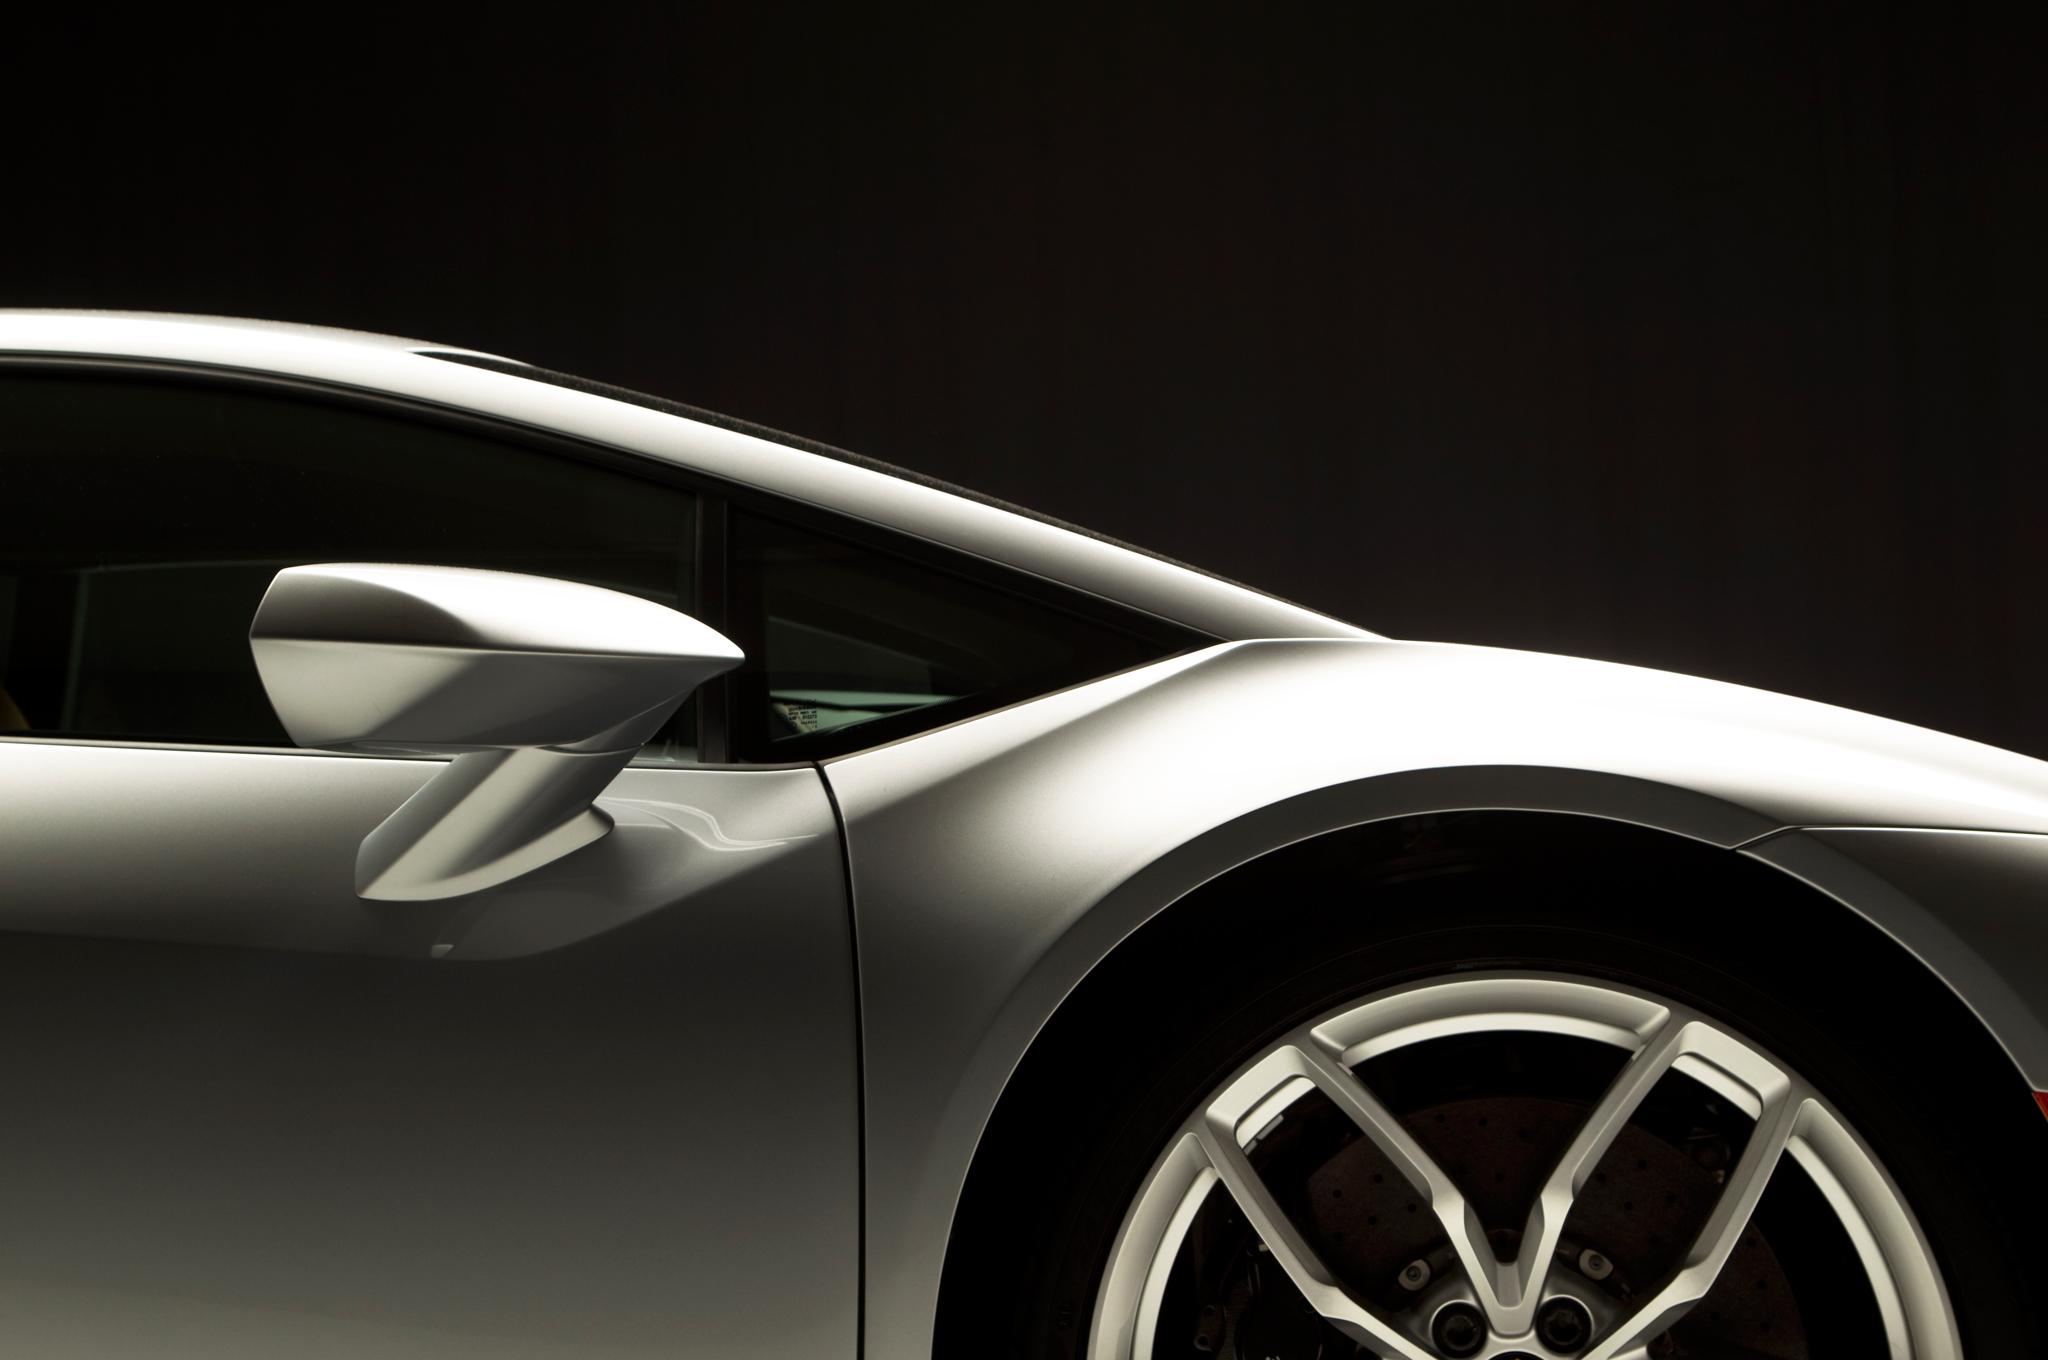 http—image.motortrend.com-f-roadtests-exotic-1312_2015_lamborghini_huracan_first_look-59412185-2015-Lamborghini-Huracan-side-panel